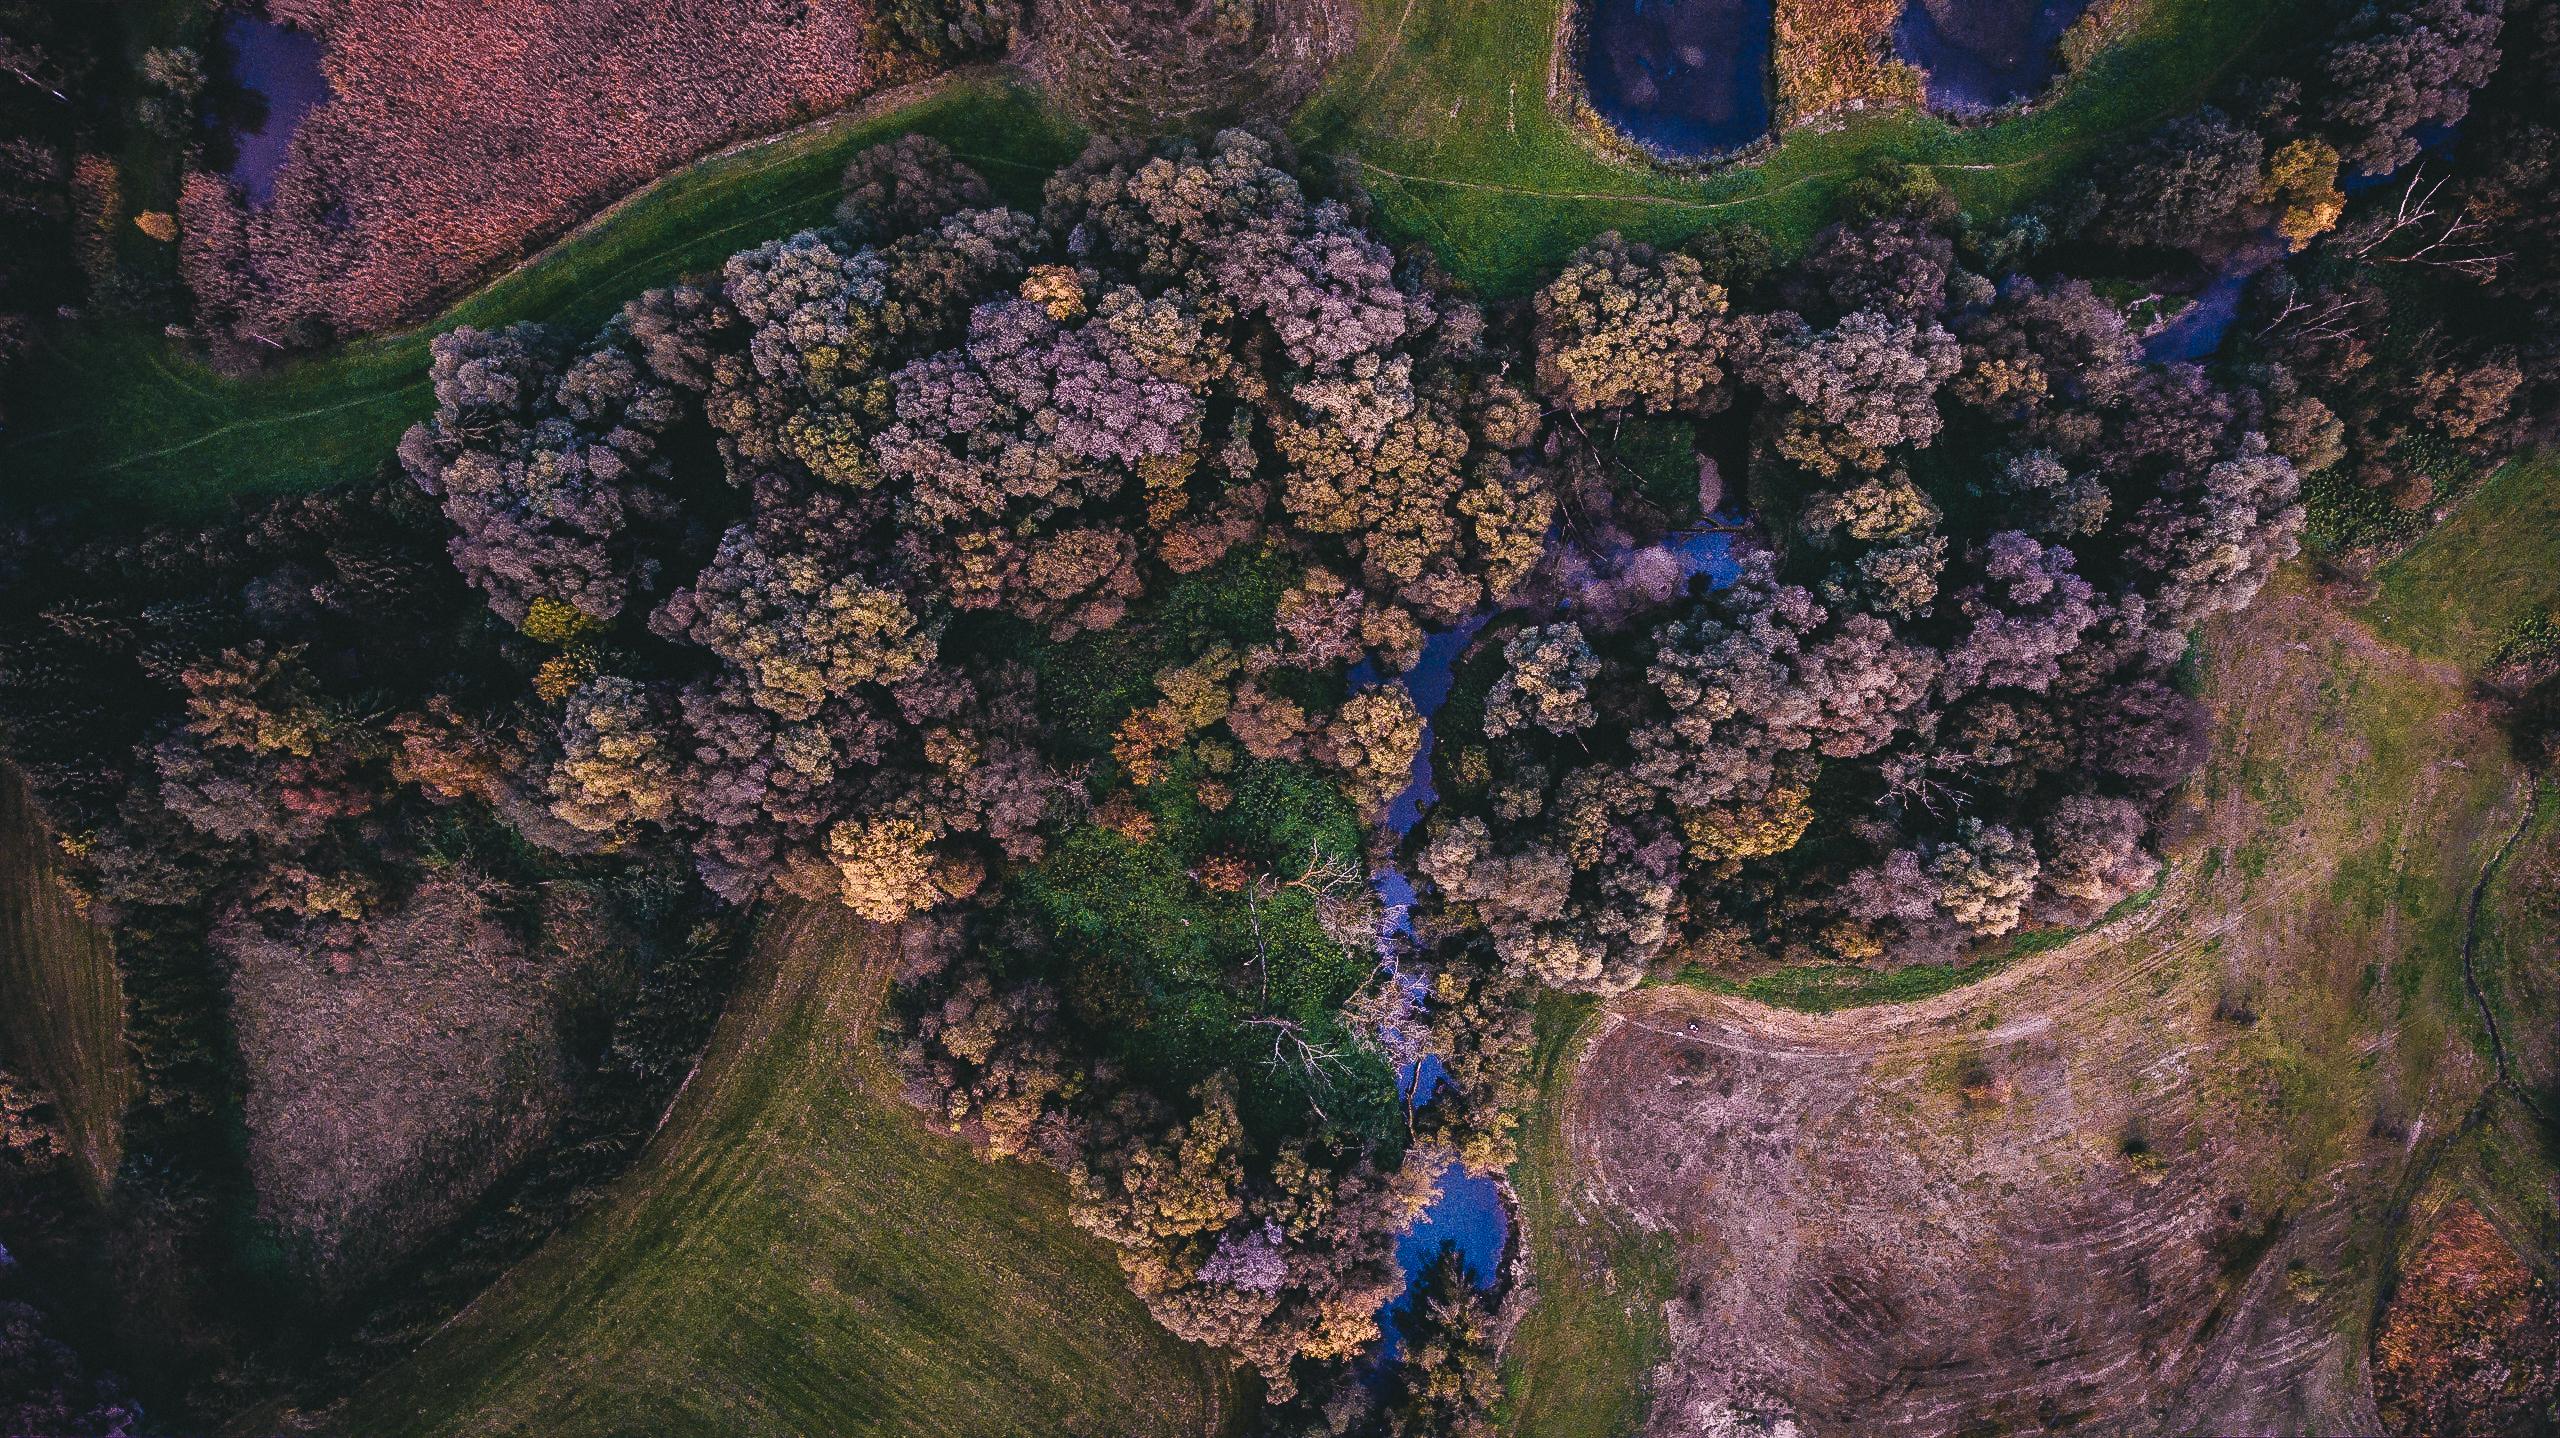 images gratuites fleur terrain flore r cif de corail capture d 39 cran photographie. Black Bedroom Furniture Sets. Home Design Ideas